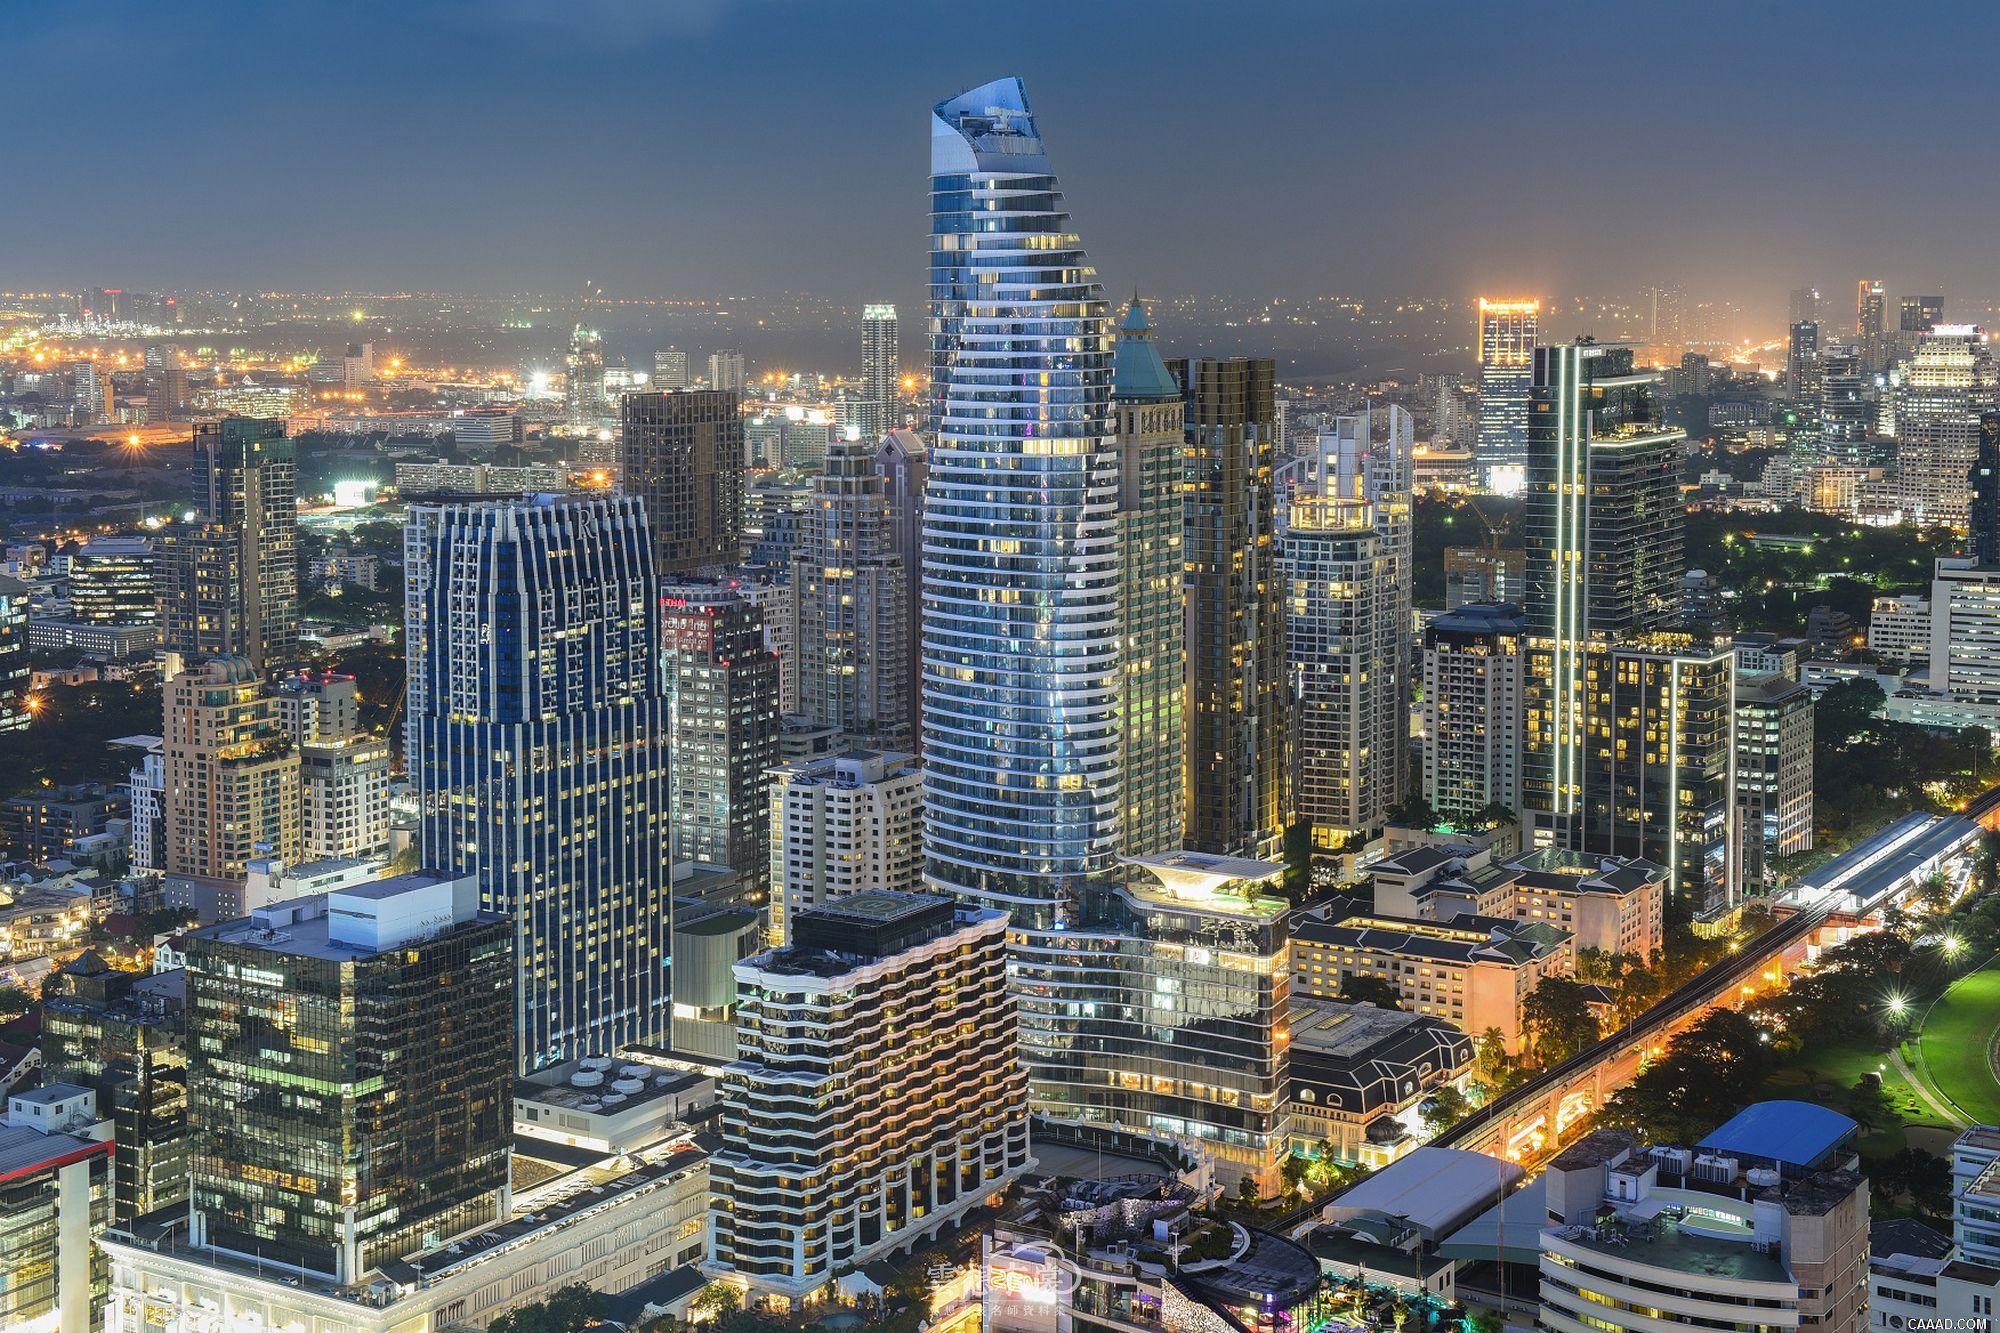 曼谷华尔道夫酒店效果图摄影实景照片JPG